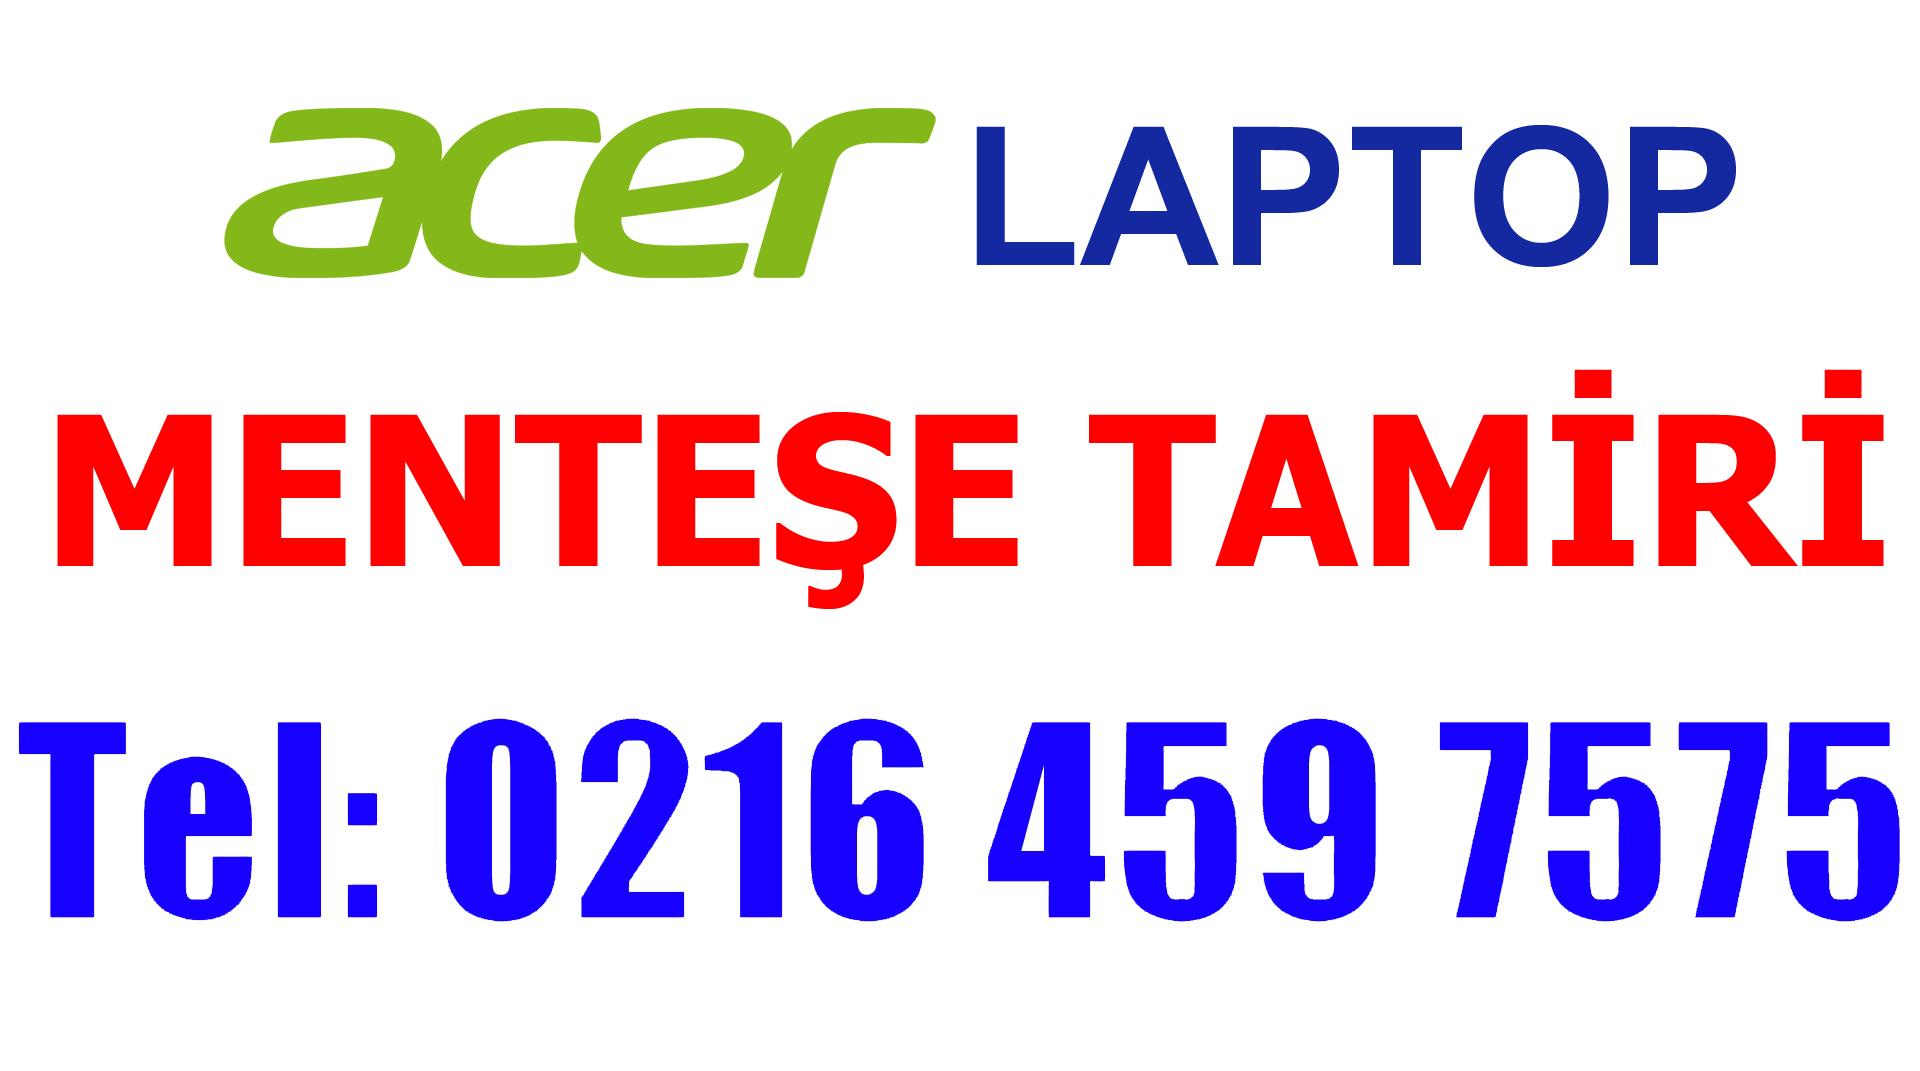 Acer Laptop Menteşe Tamiri ve Değişimi